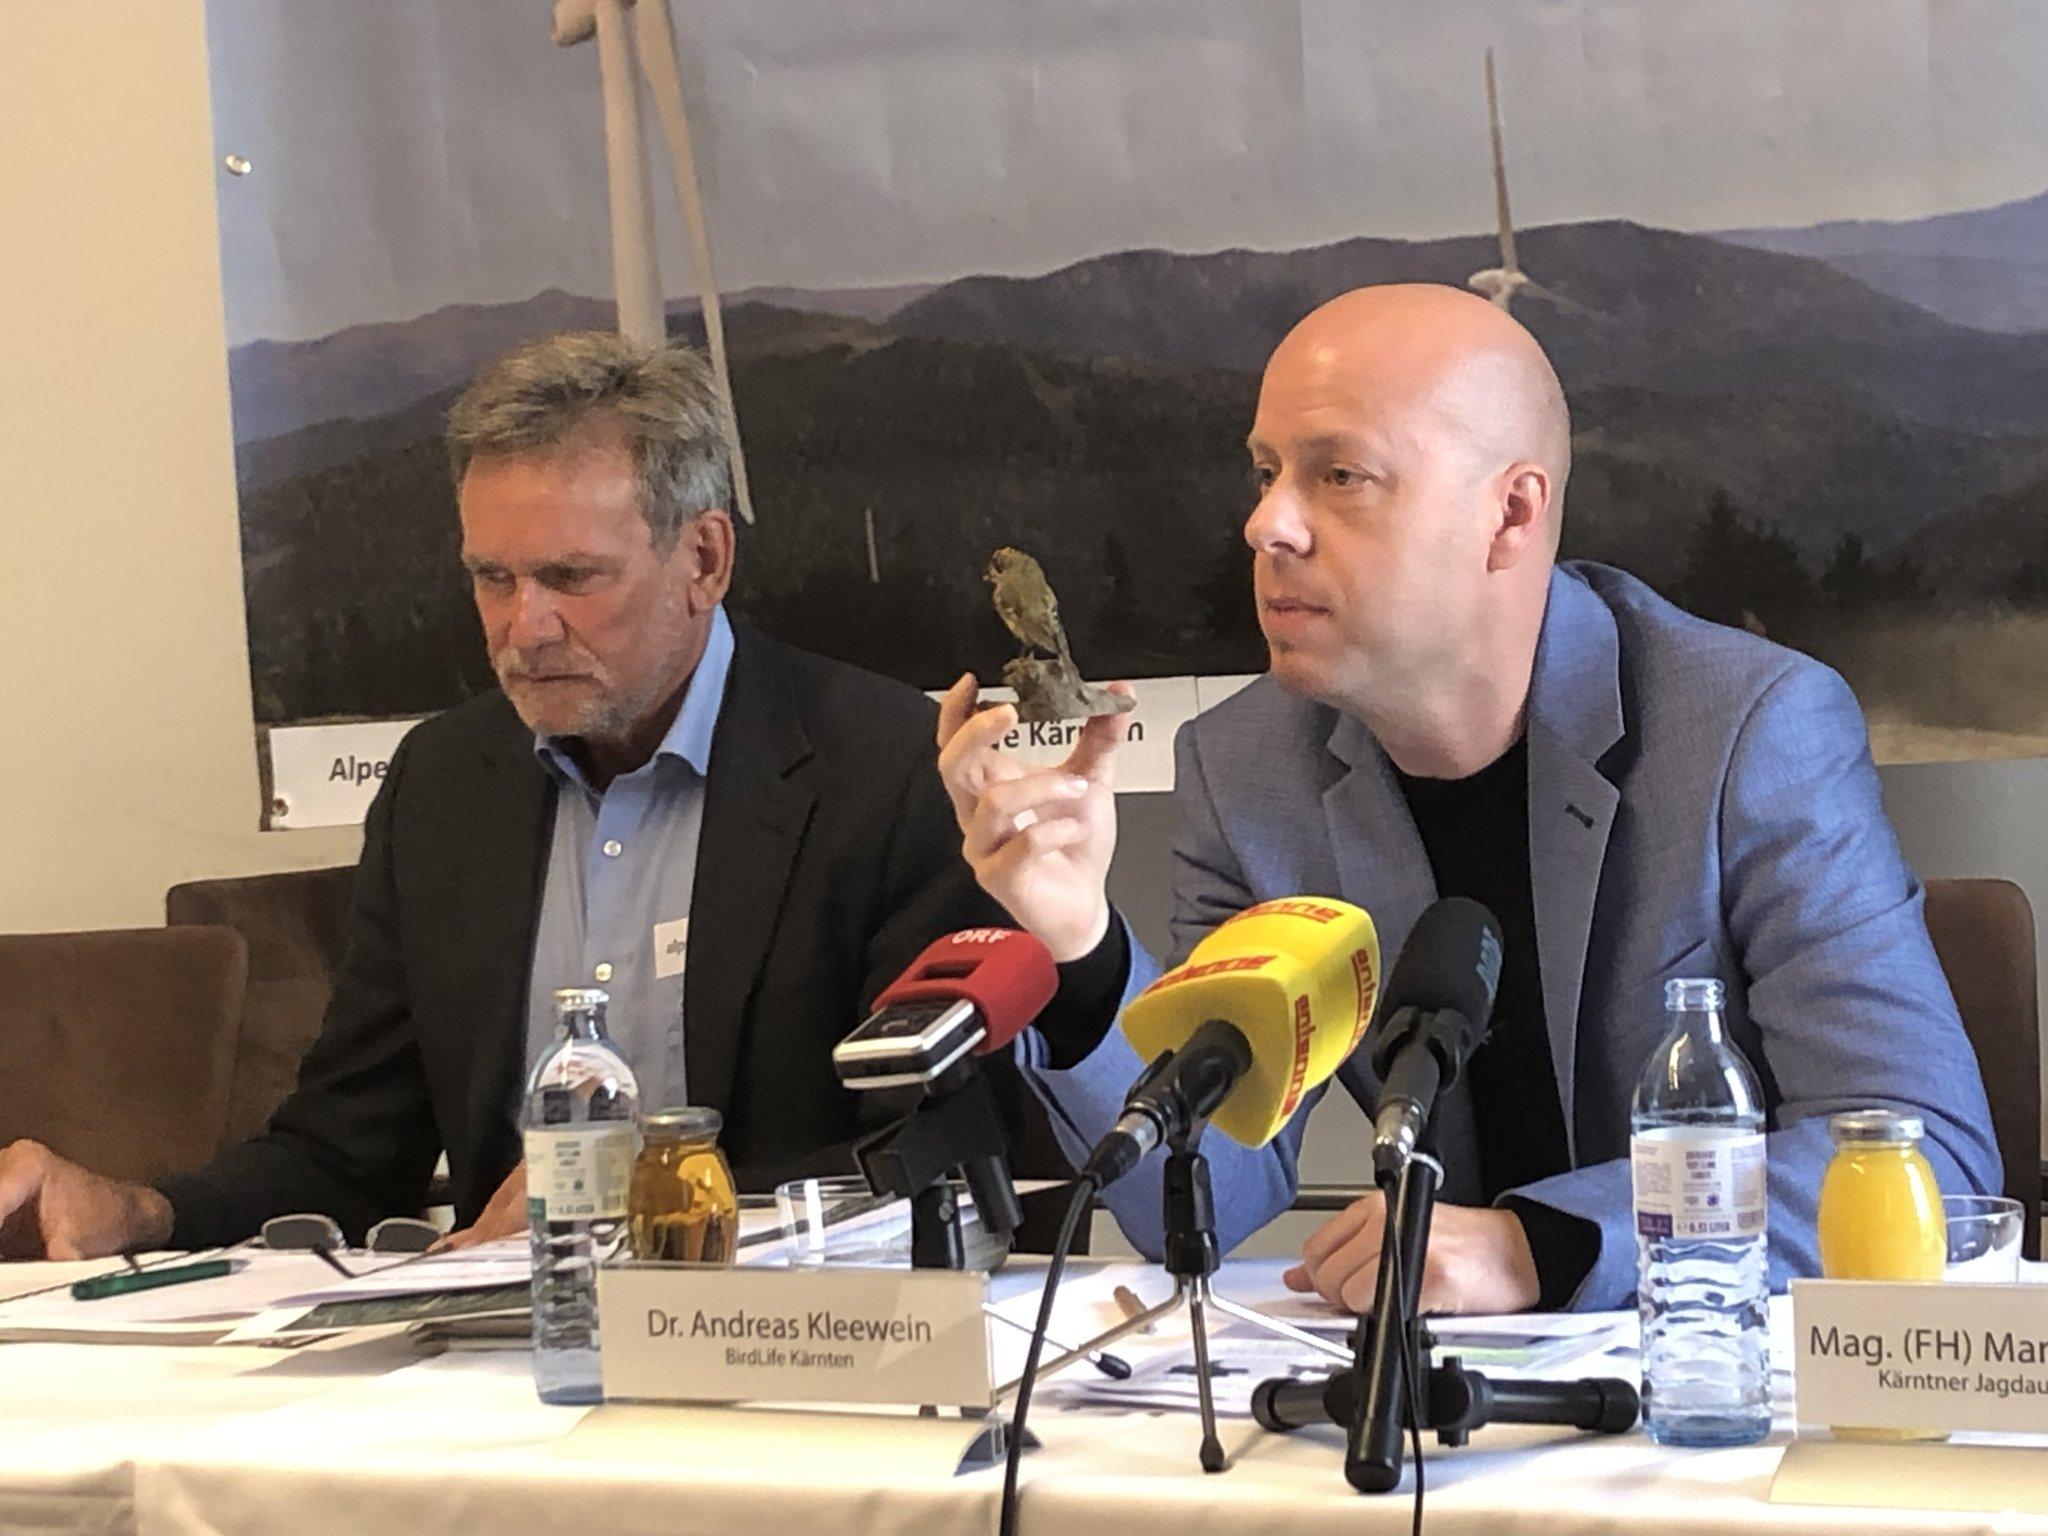 Stadt kennenlernen aus prambachkirchen Plstal single frau